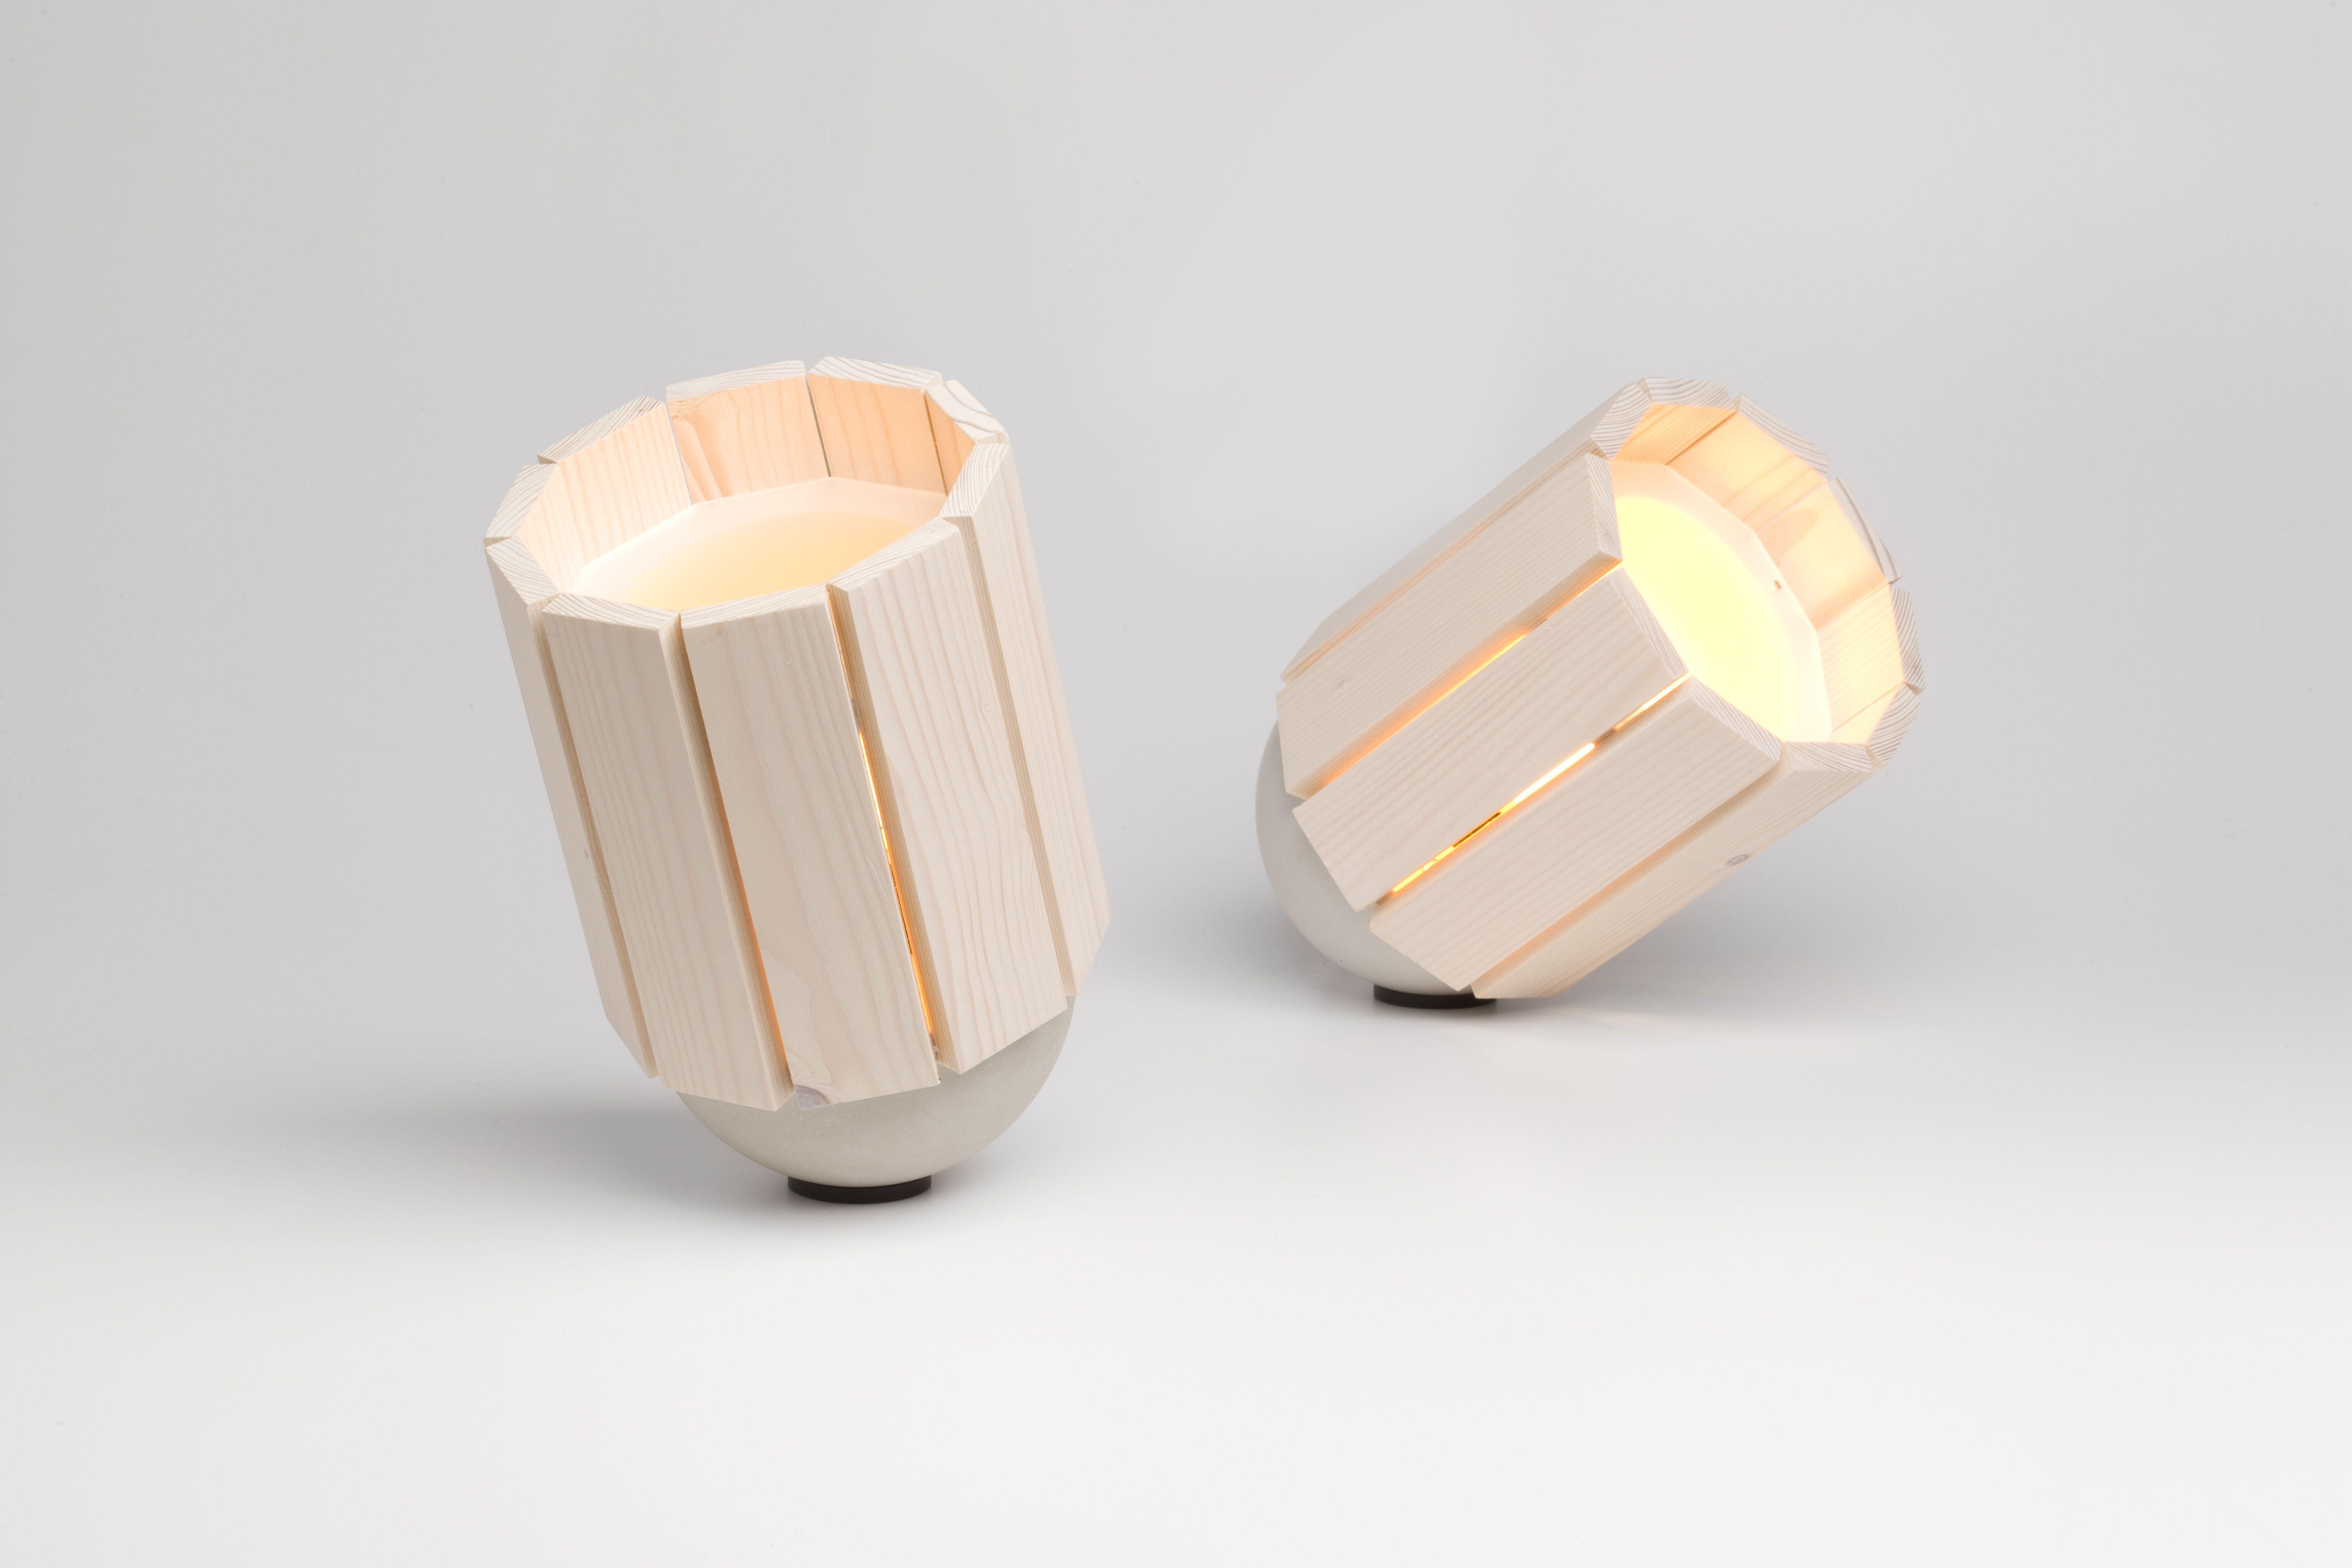 New Duivendrecht baby Barrel lamp is een unieke Dutch design tafellamp ♥ Officiële dealer ♥ Gratis verzending ♥ 14 dagen retourrecht ☎ +31302540811